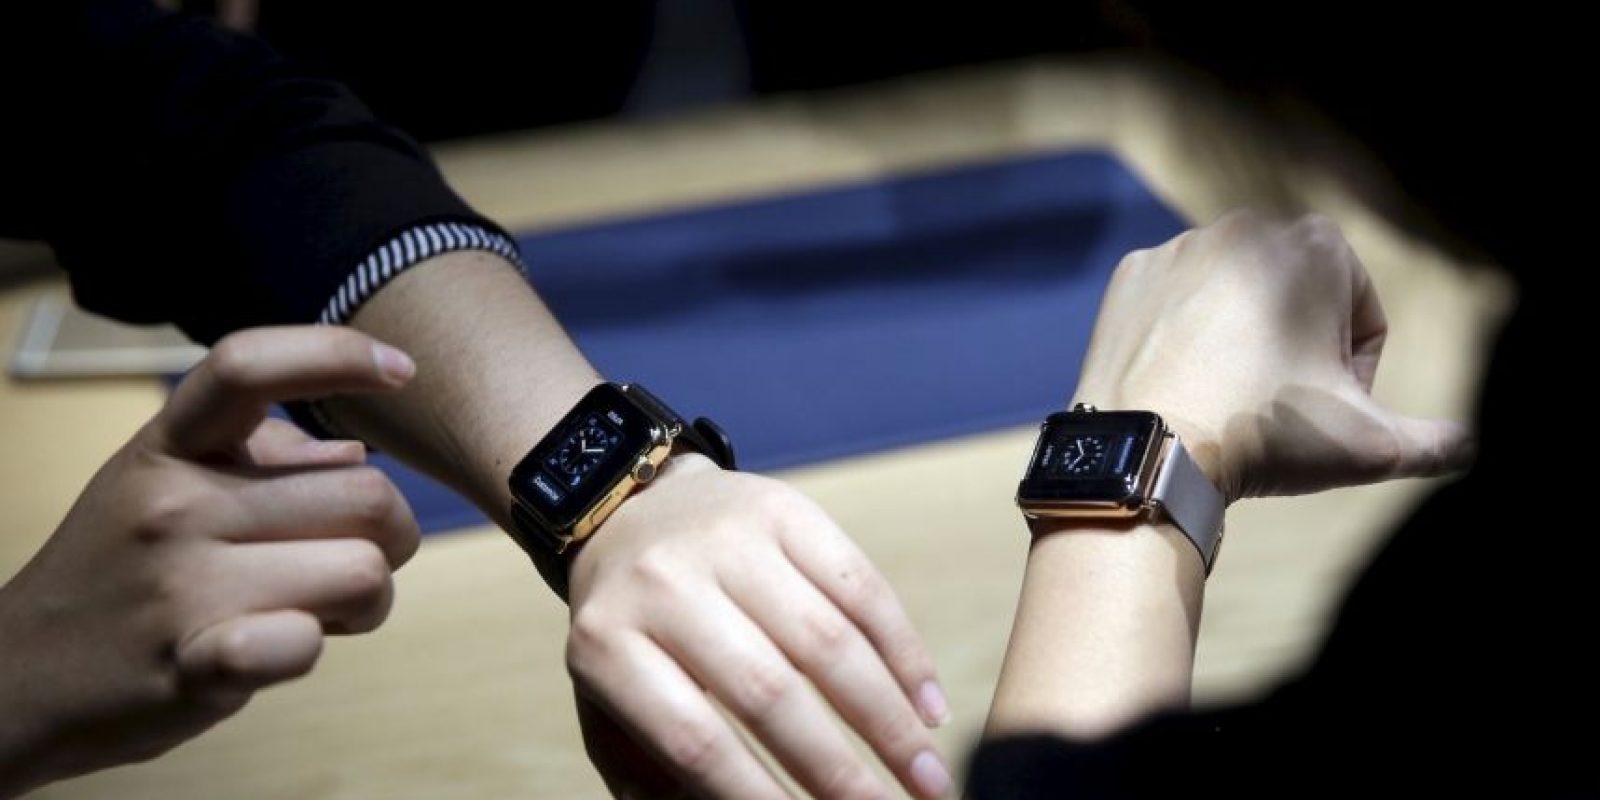 Marcas como Samsung, Motorola y Swatch también han anunciado los lanzamientos de sus relojes inteligentes. Foto:Getty